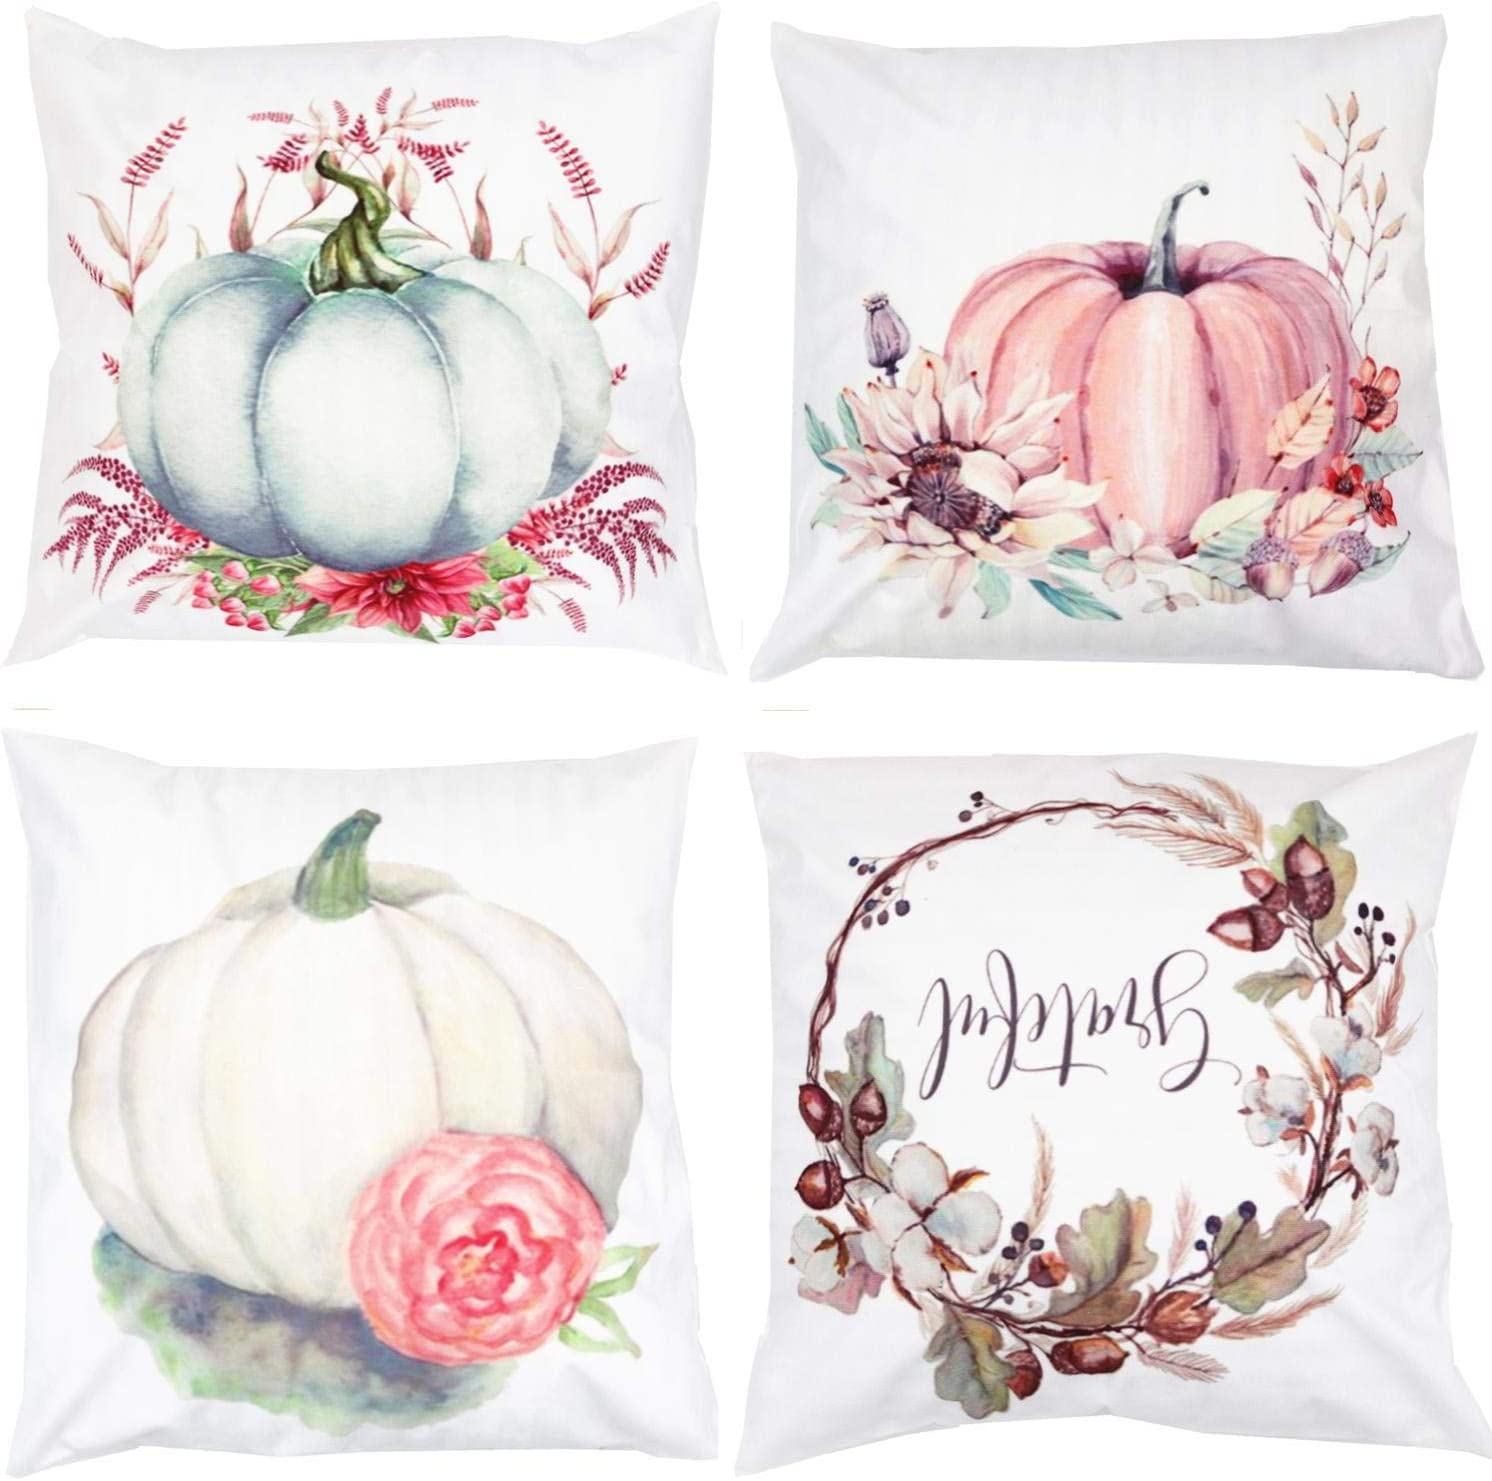 Free Amazon Promo Code 2020 for Autumn Pumpkin Thanksgiving Decorative Throw Pillow